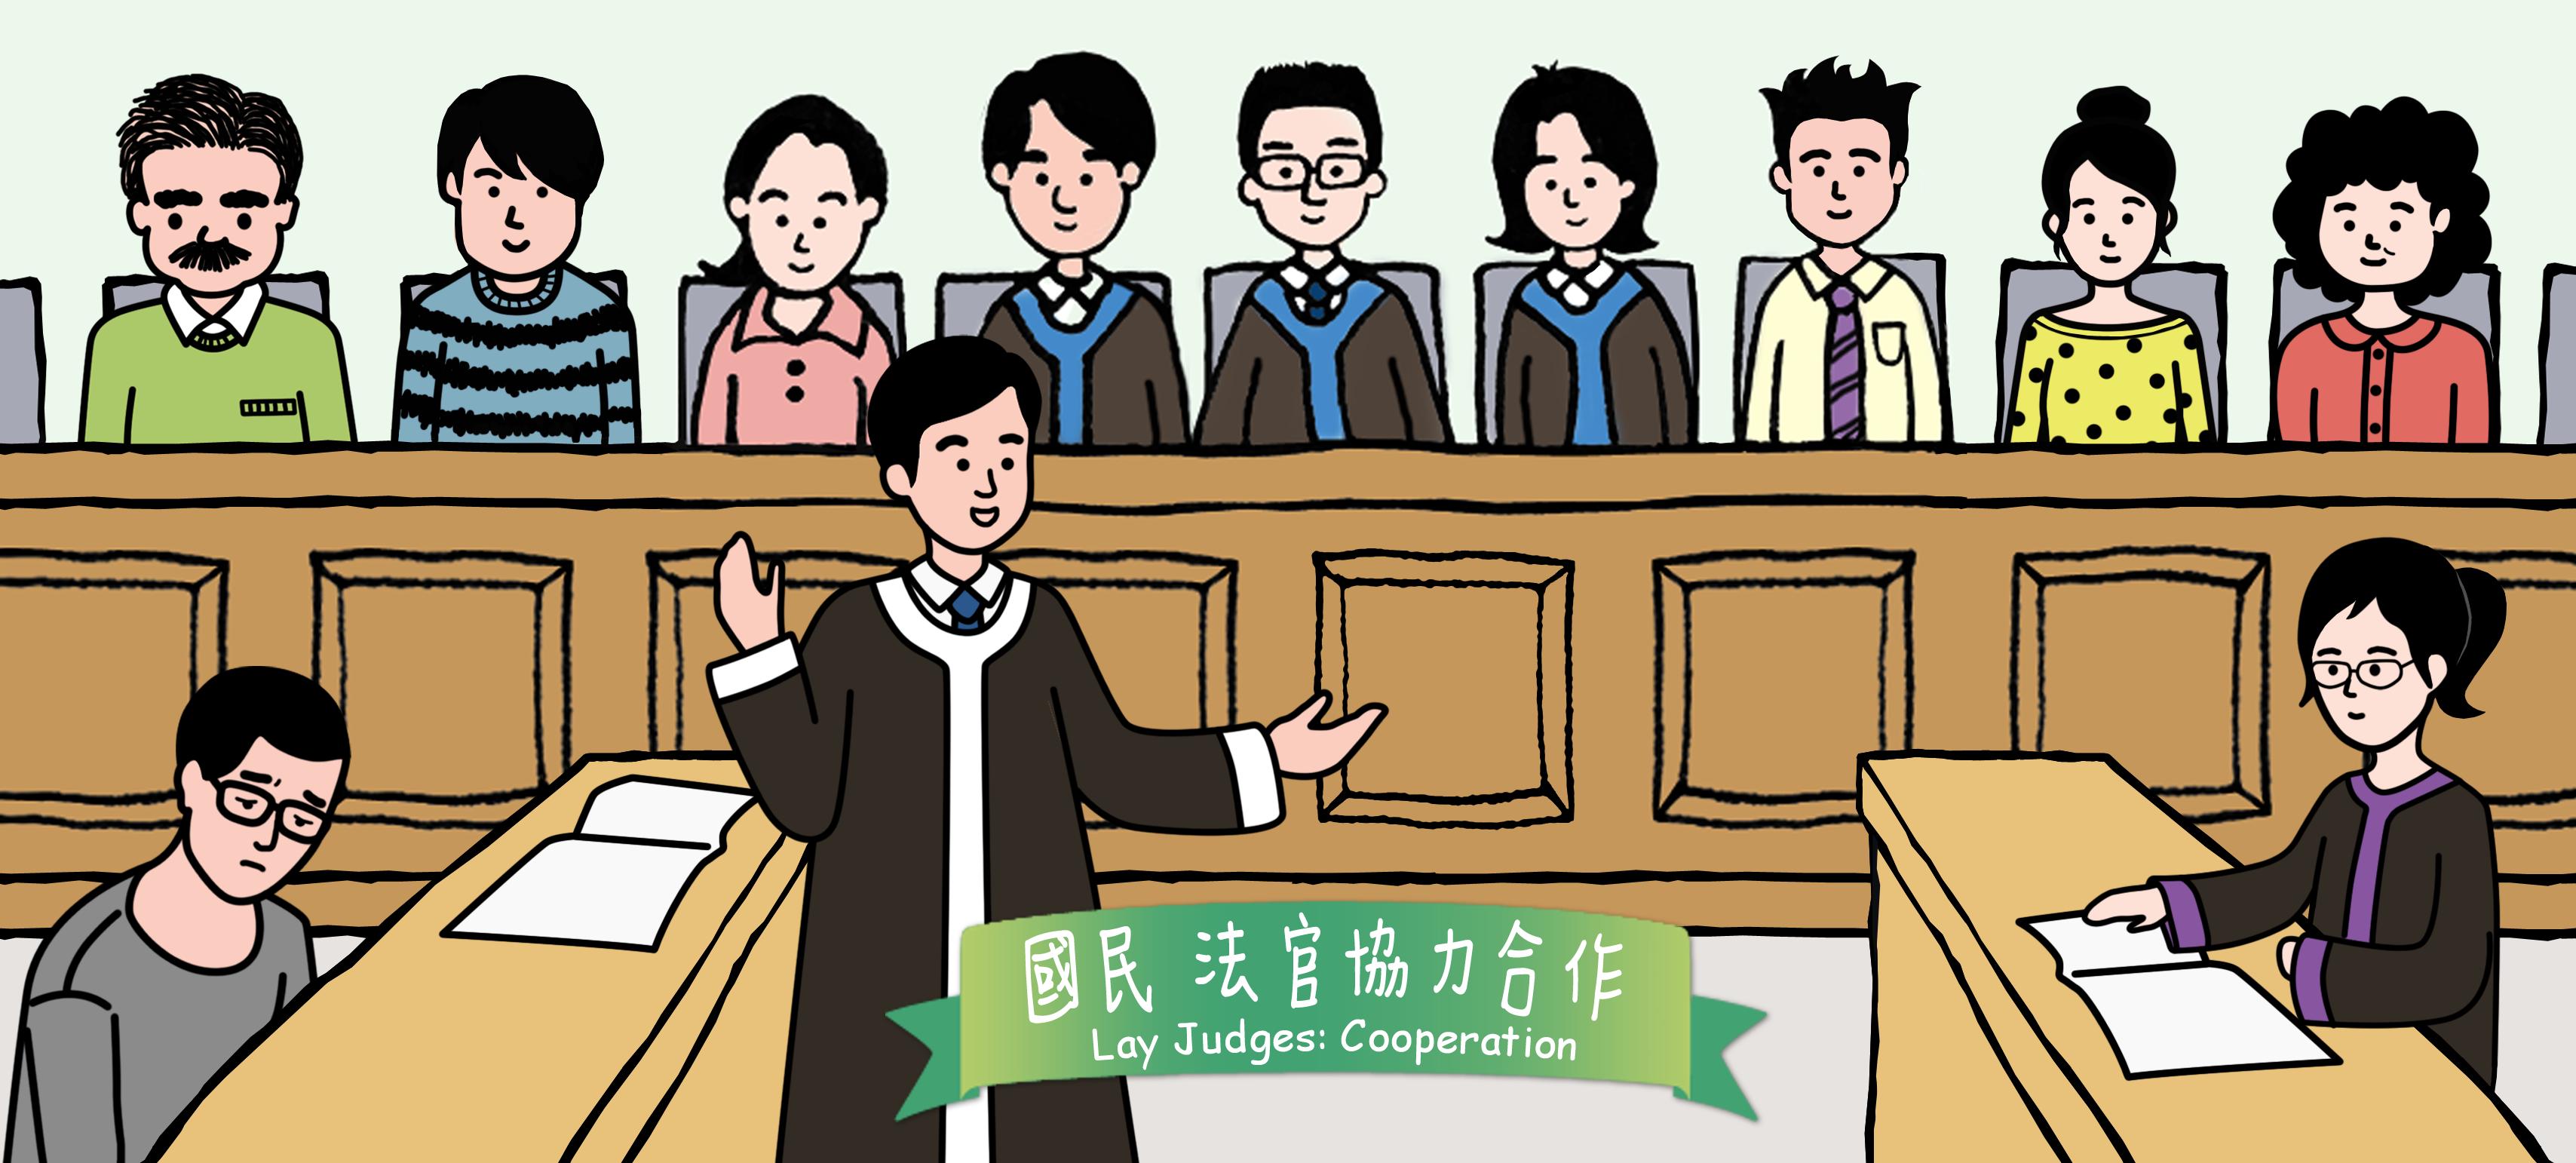 國民法官  一起審判